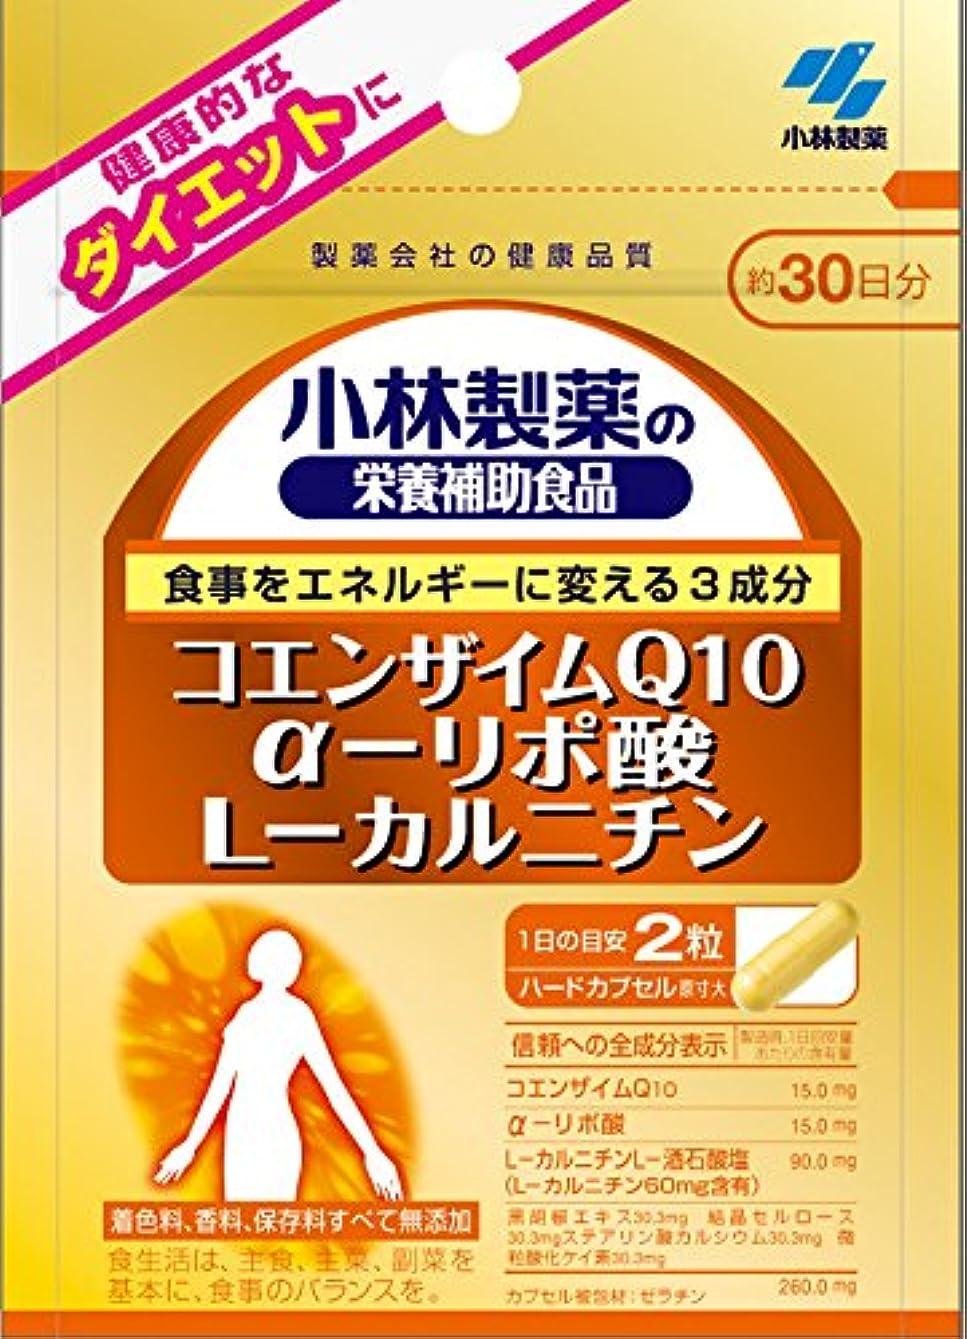 政治家の権限スタウト小林製薬の栄養補助食品 コエンザイムQ10 α-リポ酸 L-カルニチン 約30日分 60粒